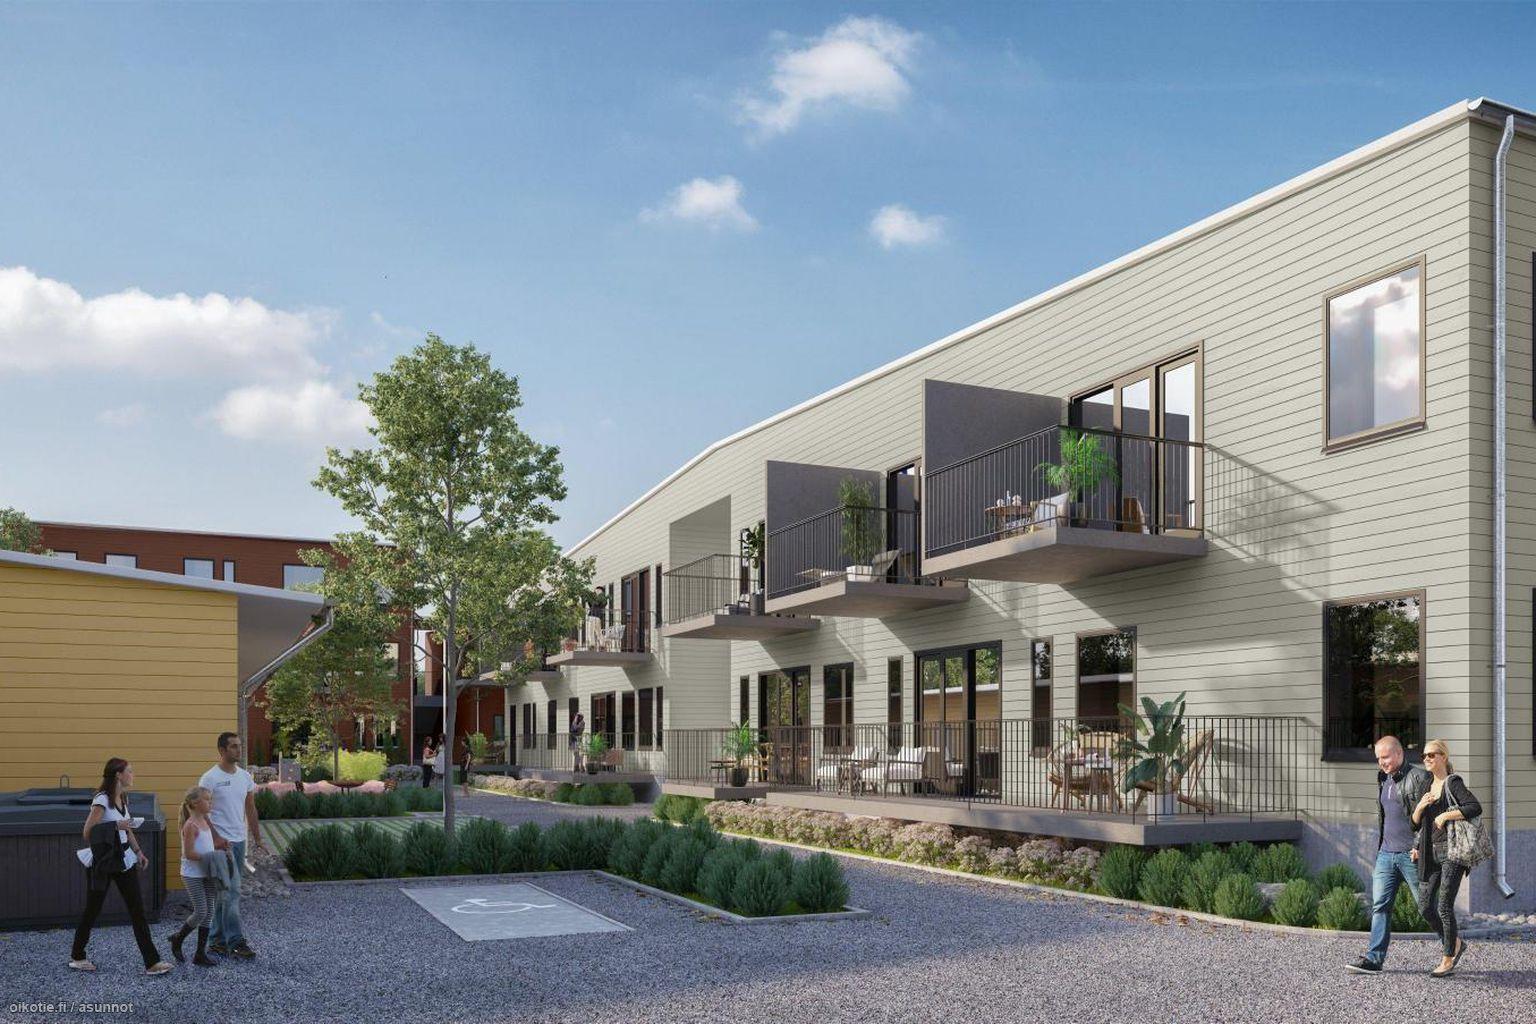 27 m² Amiraalistonkatu 11 B27, 20100 Turku Kerrostalo Yksiö myynnissä - Oikotie 14854653